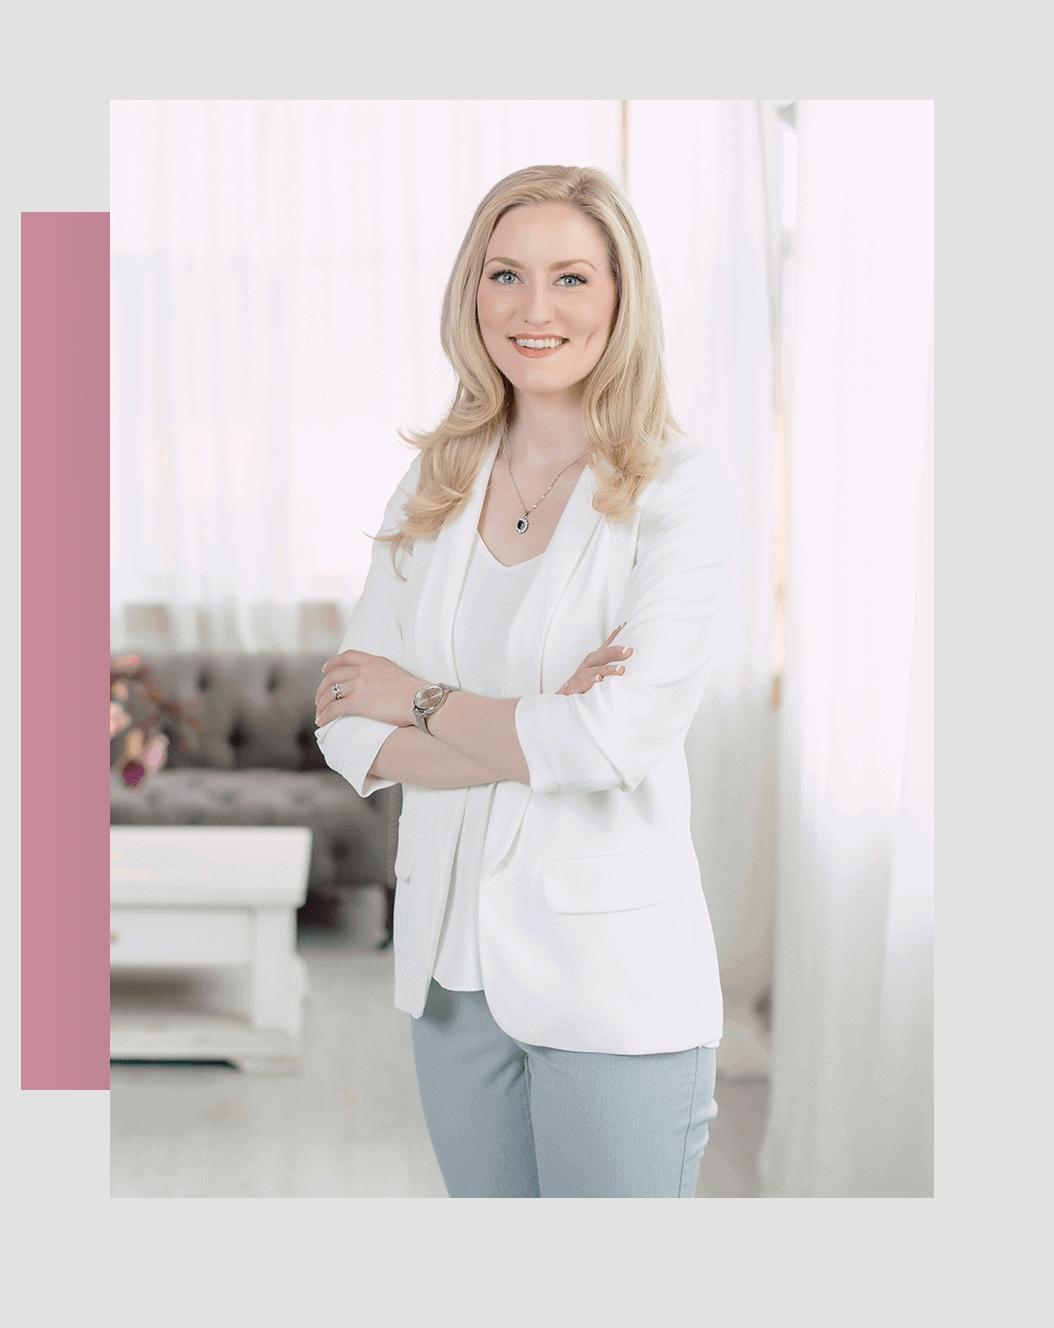 Meet Dr Leah Richadson ND